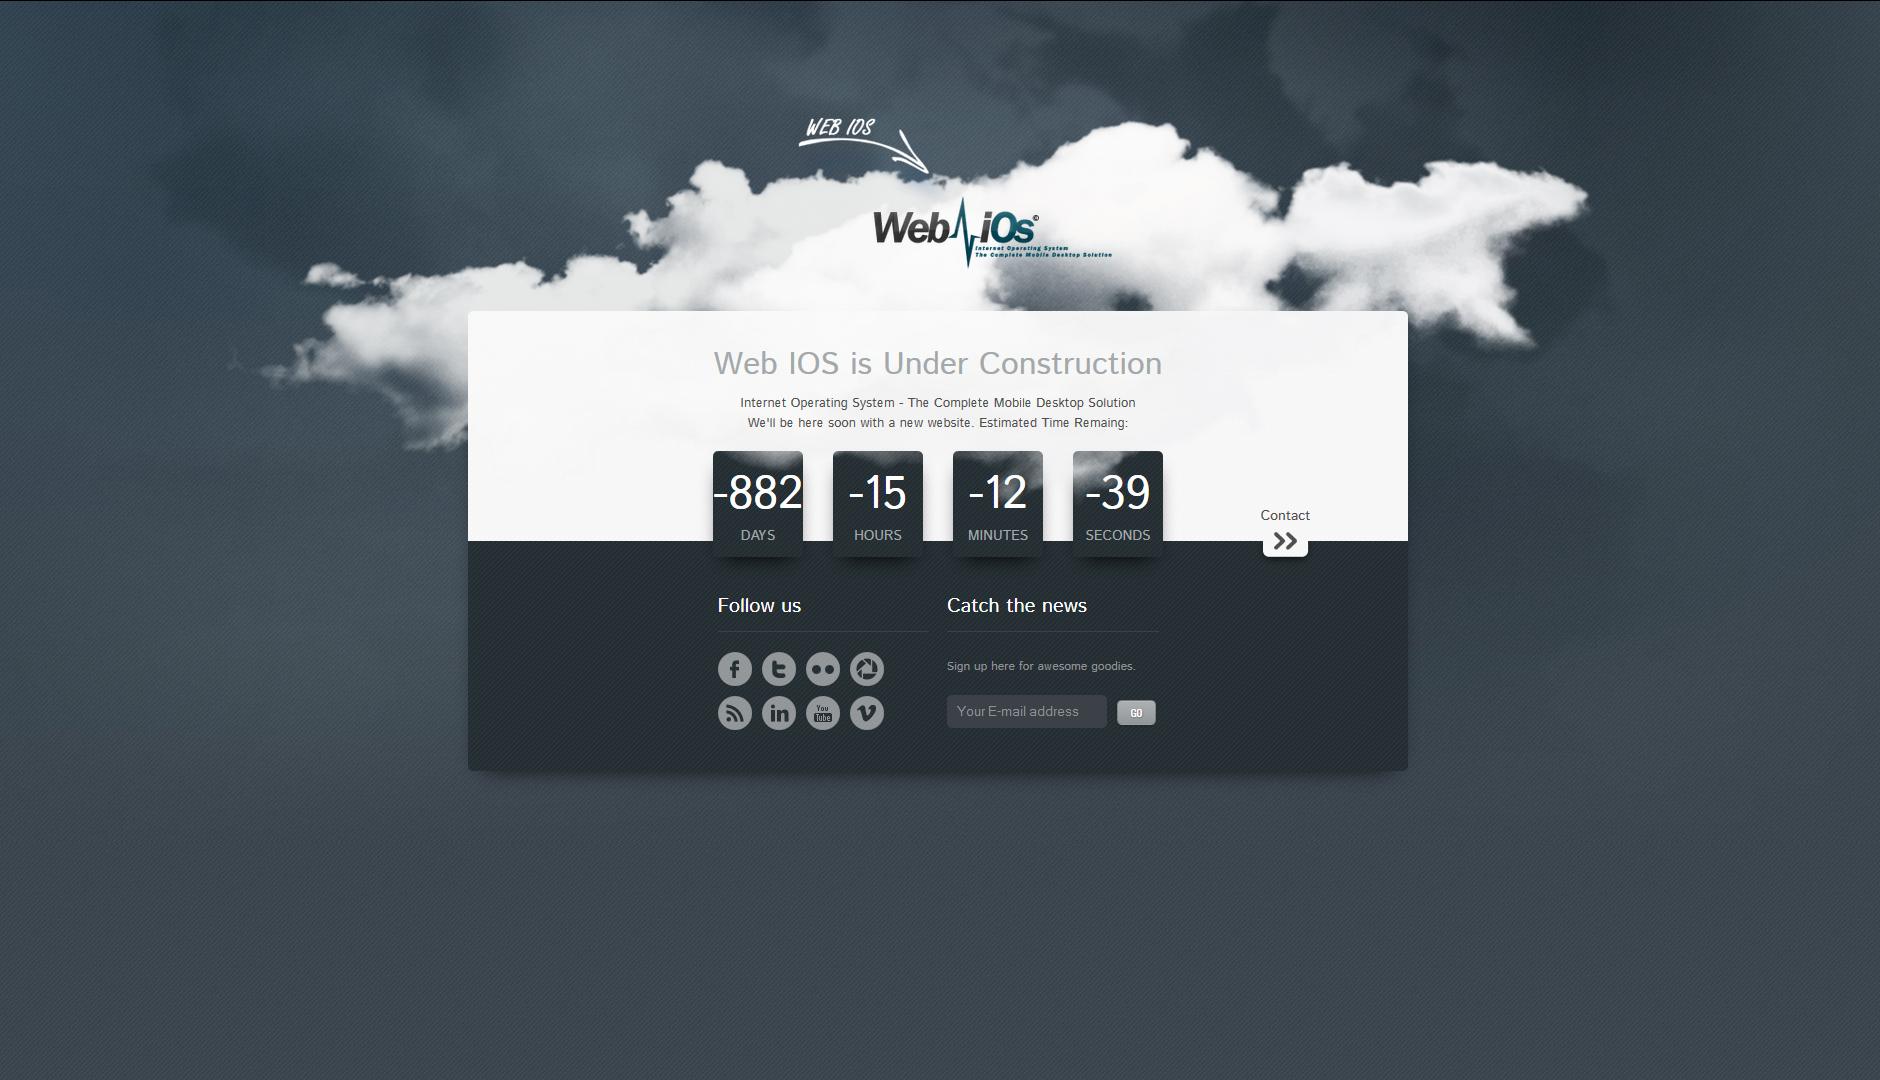 Web IOS